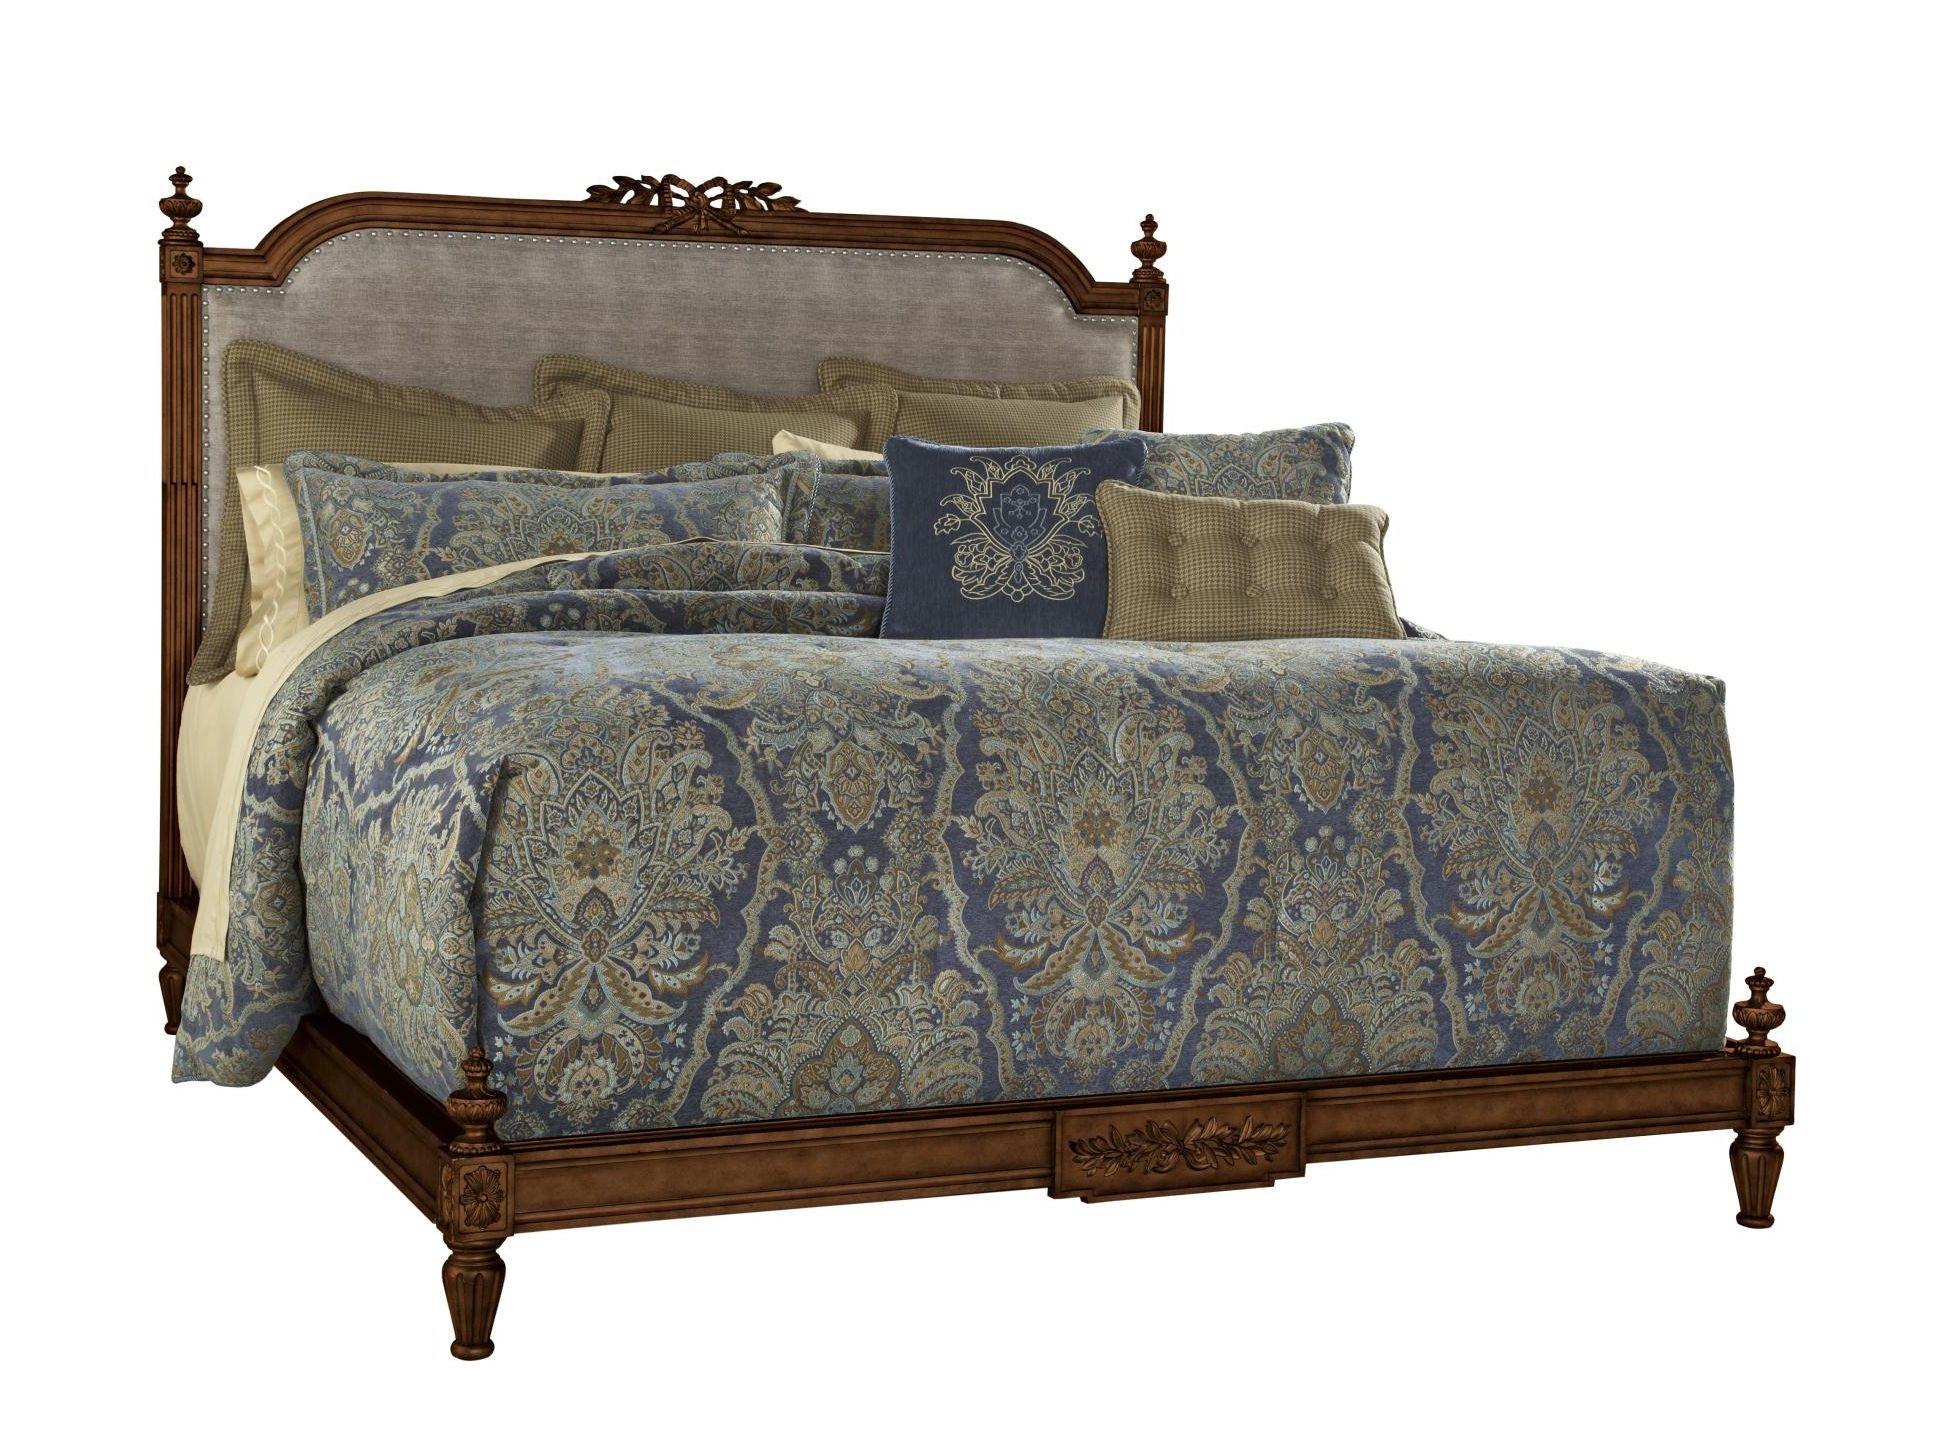 Fine Furniture Design Bedroom Boulevard King Bed Vanderbilt 1340 467